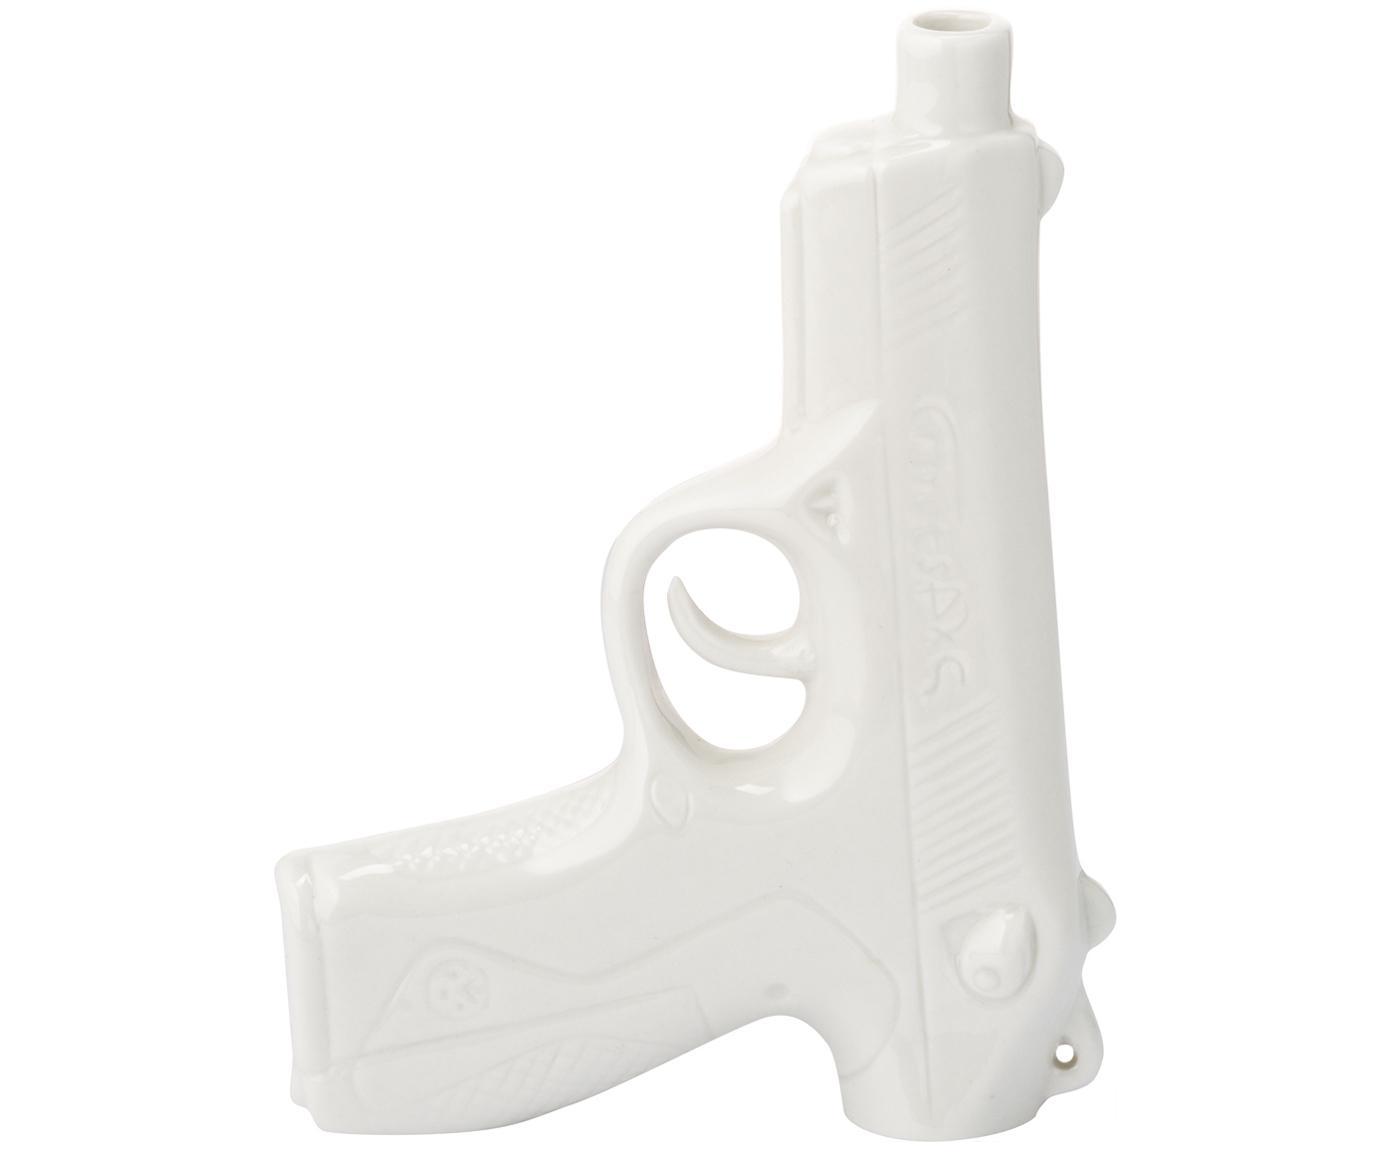 Kleine Porzellan-Vase Gun, Porzellan, glasiert, Weiss, 12 x 17 cm